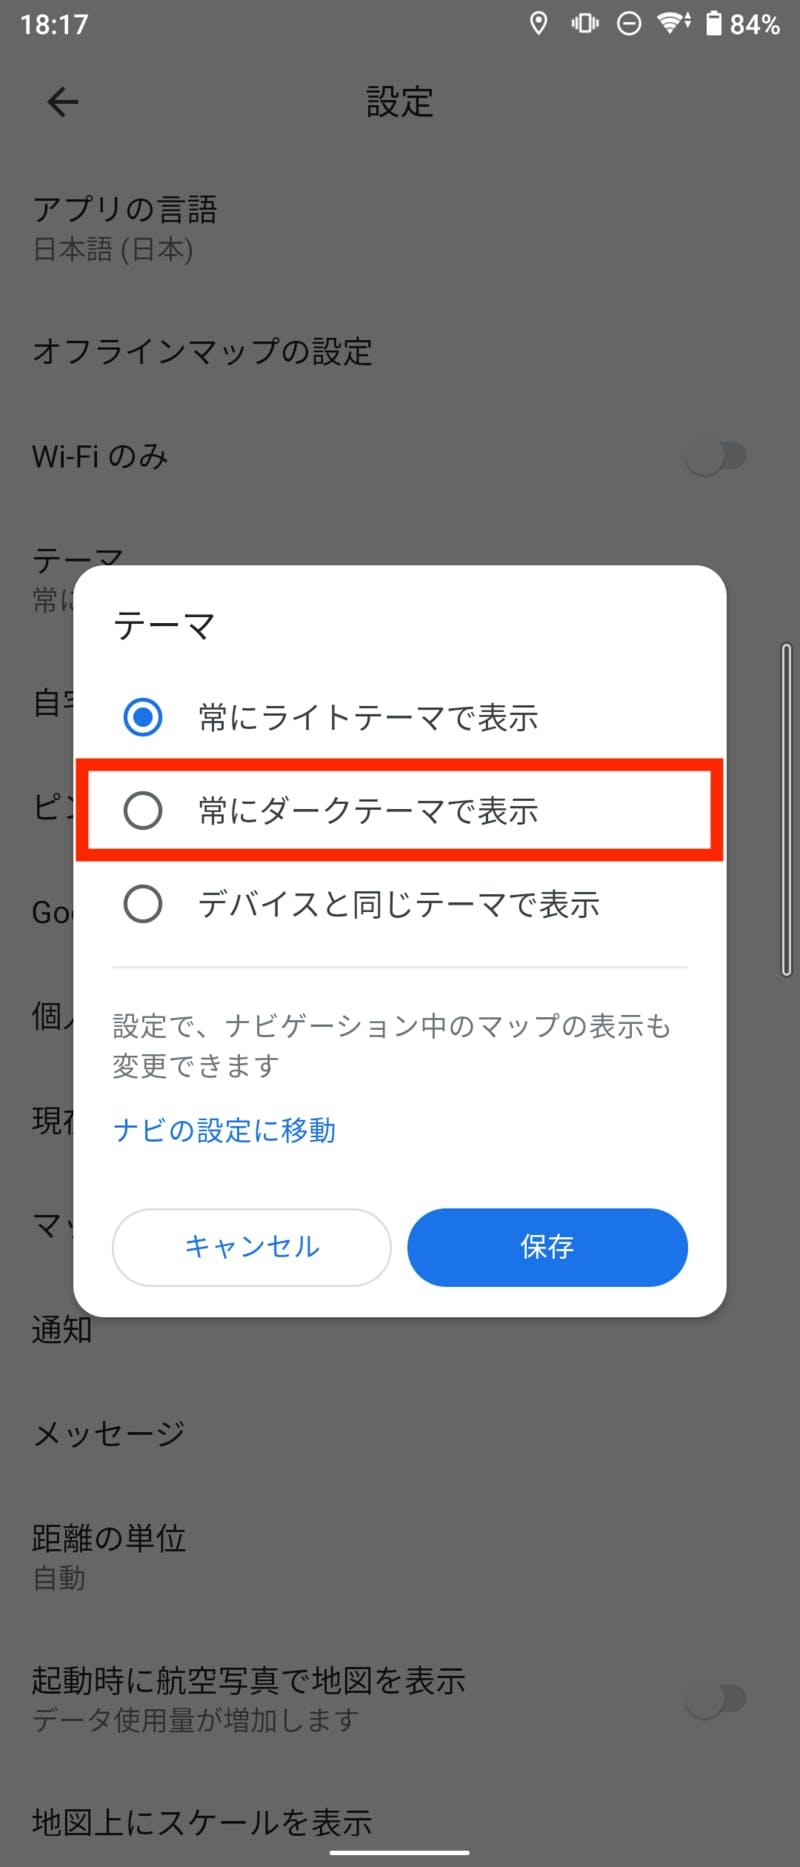 「常にダーク テーマで表示」をタップし、「保存」ボタンをタップ